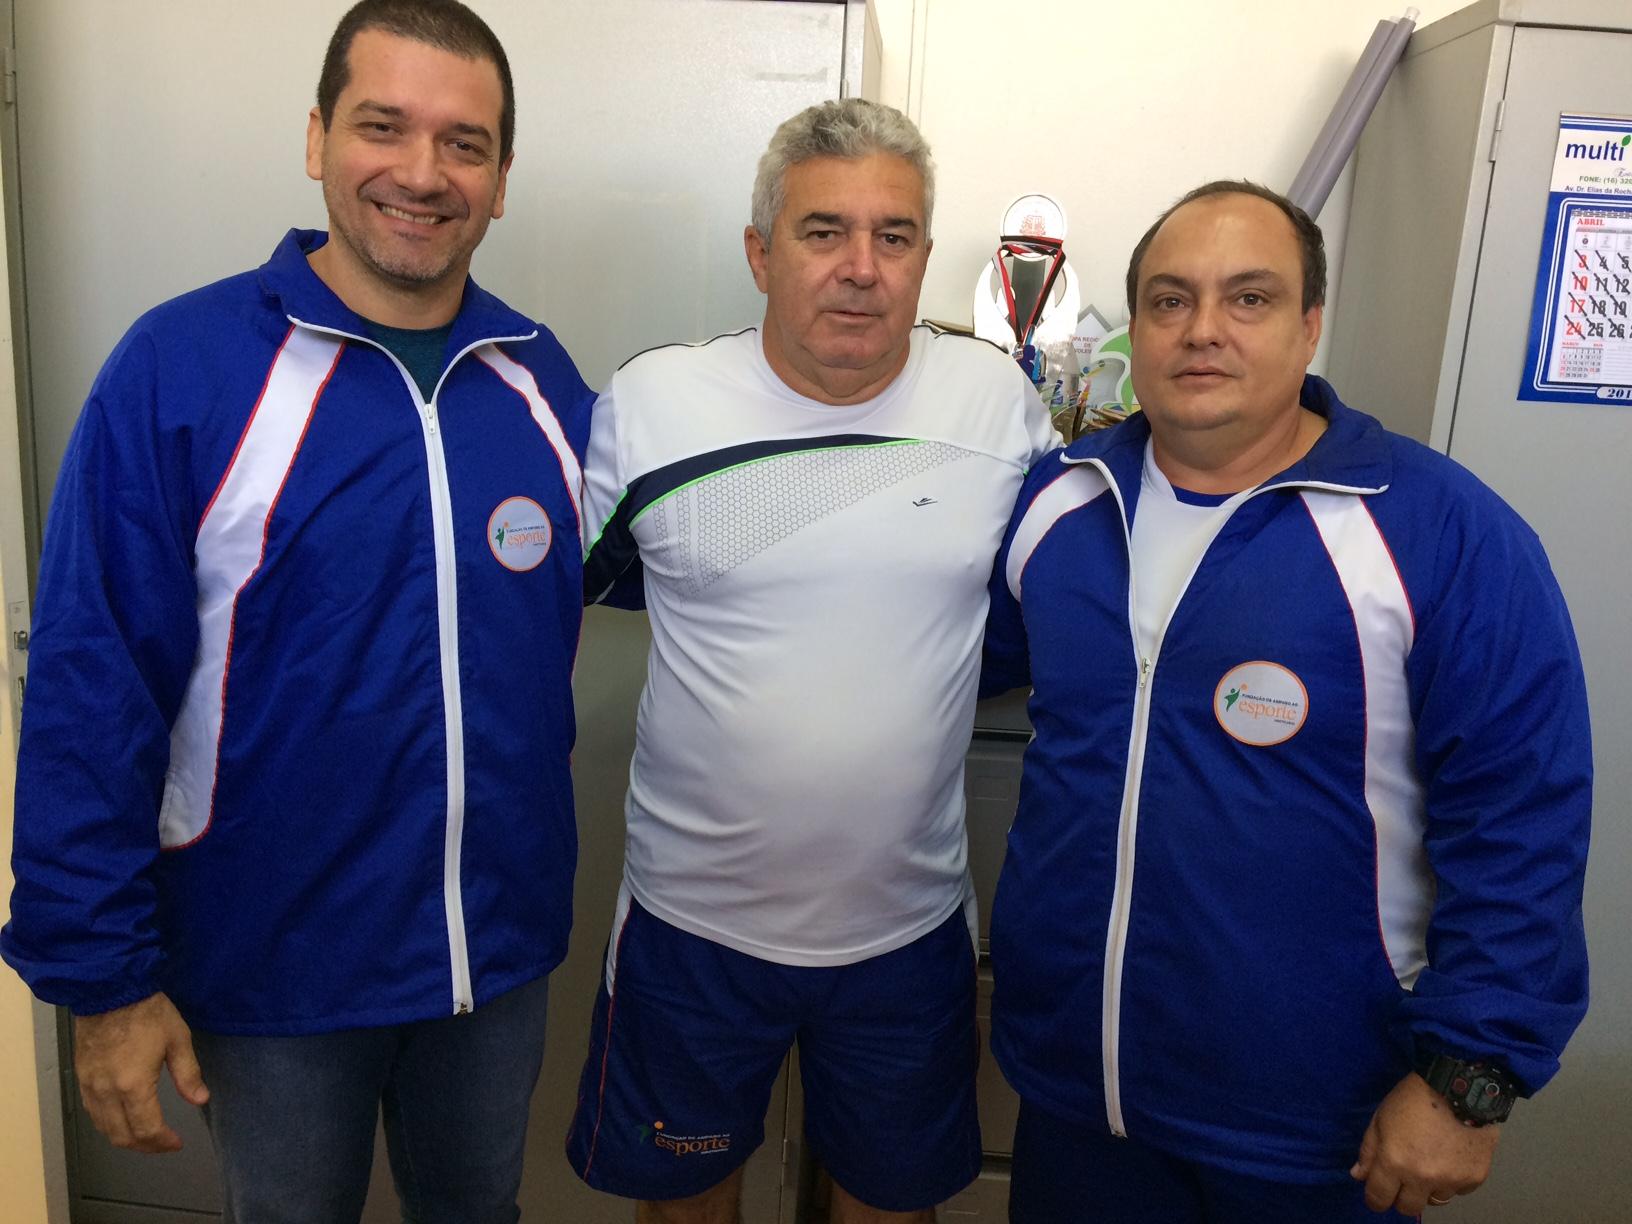 Coordenadores da FAE: (da esquerda/direita) João Pifer, Carlos Alberto e Anselmo Hungaro (Foto: Fábio Penariol/Jornal 101)